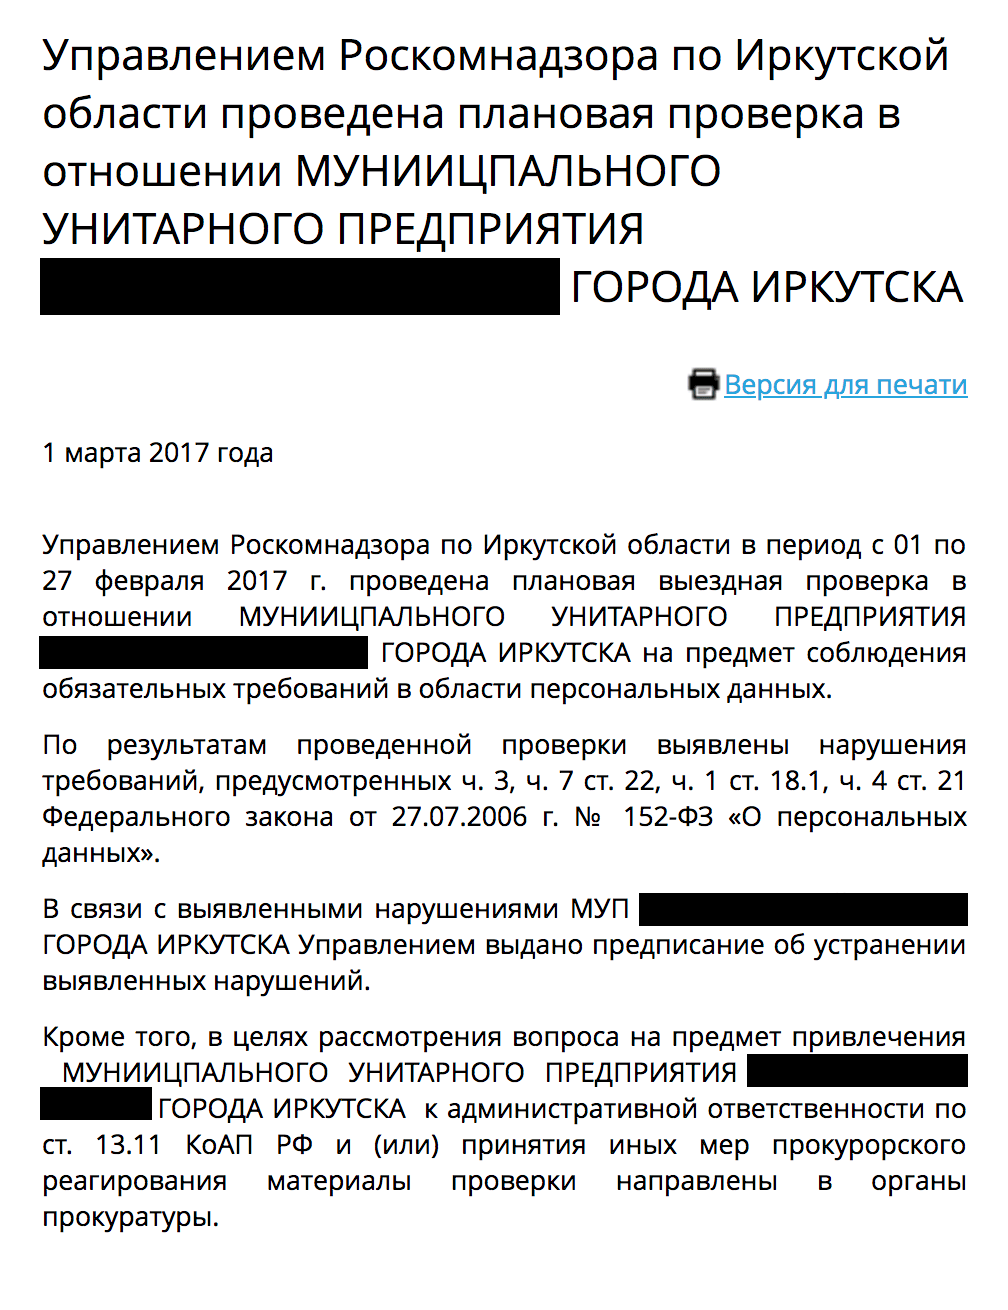 Роскомнадзор выявил нарушения при проверке компании